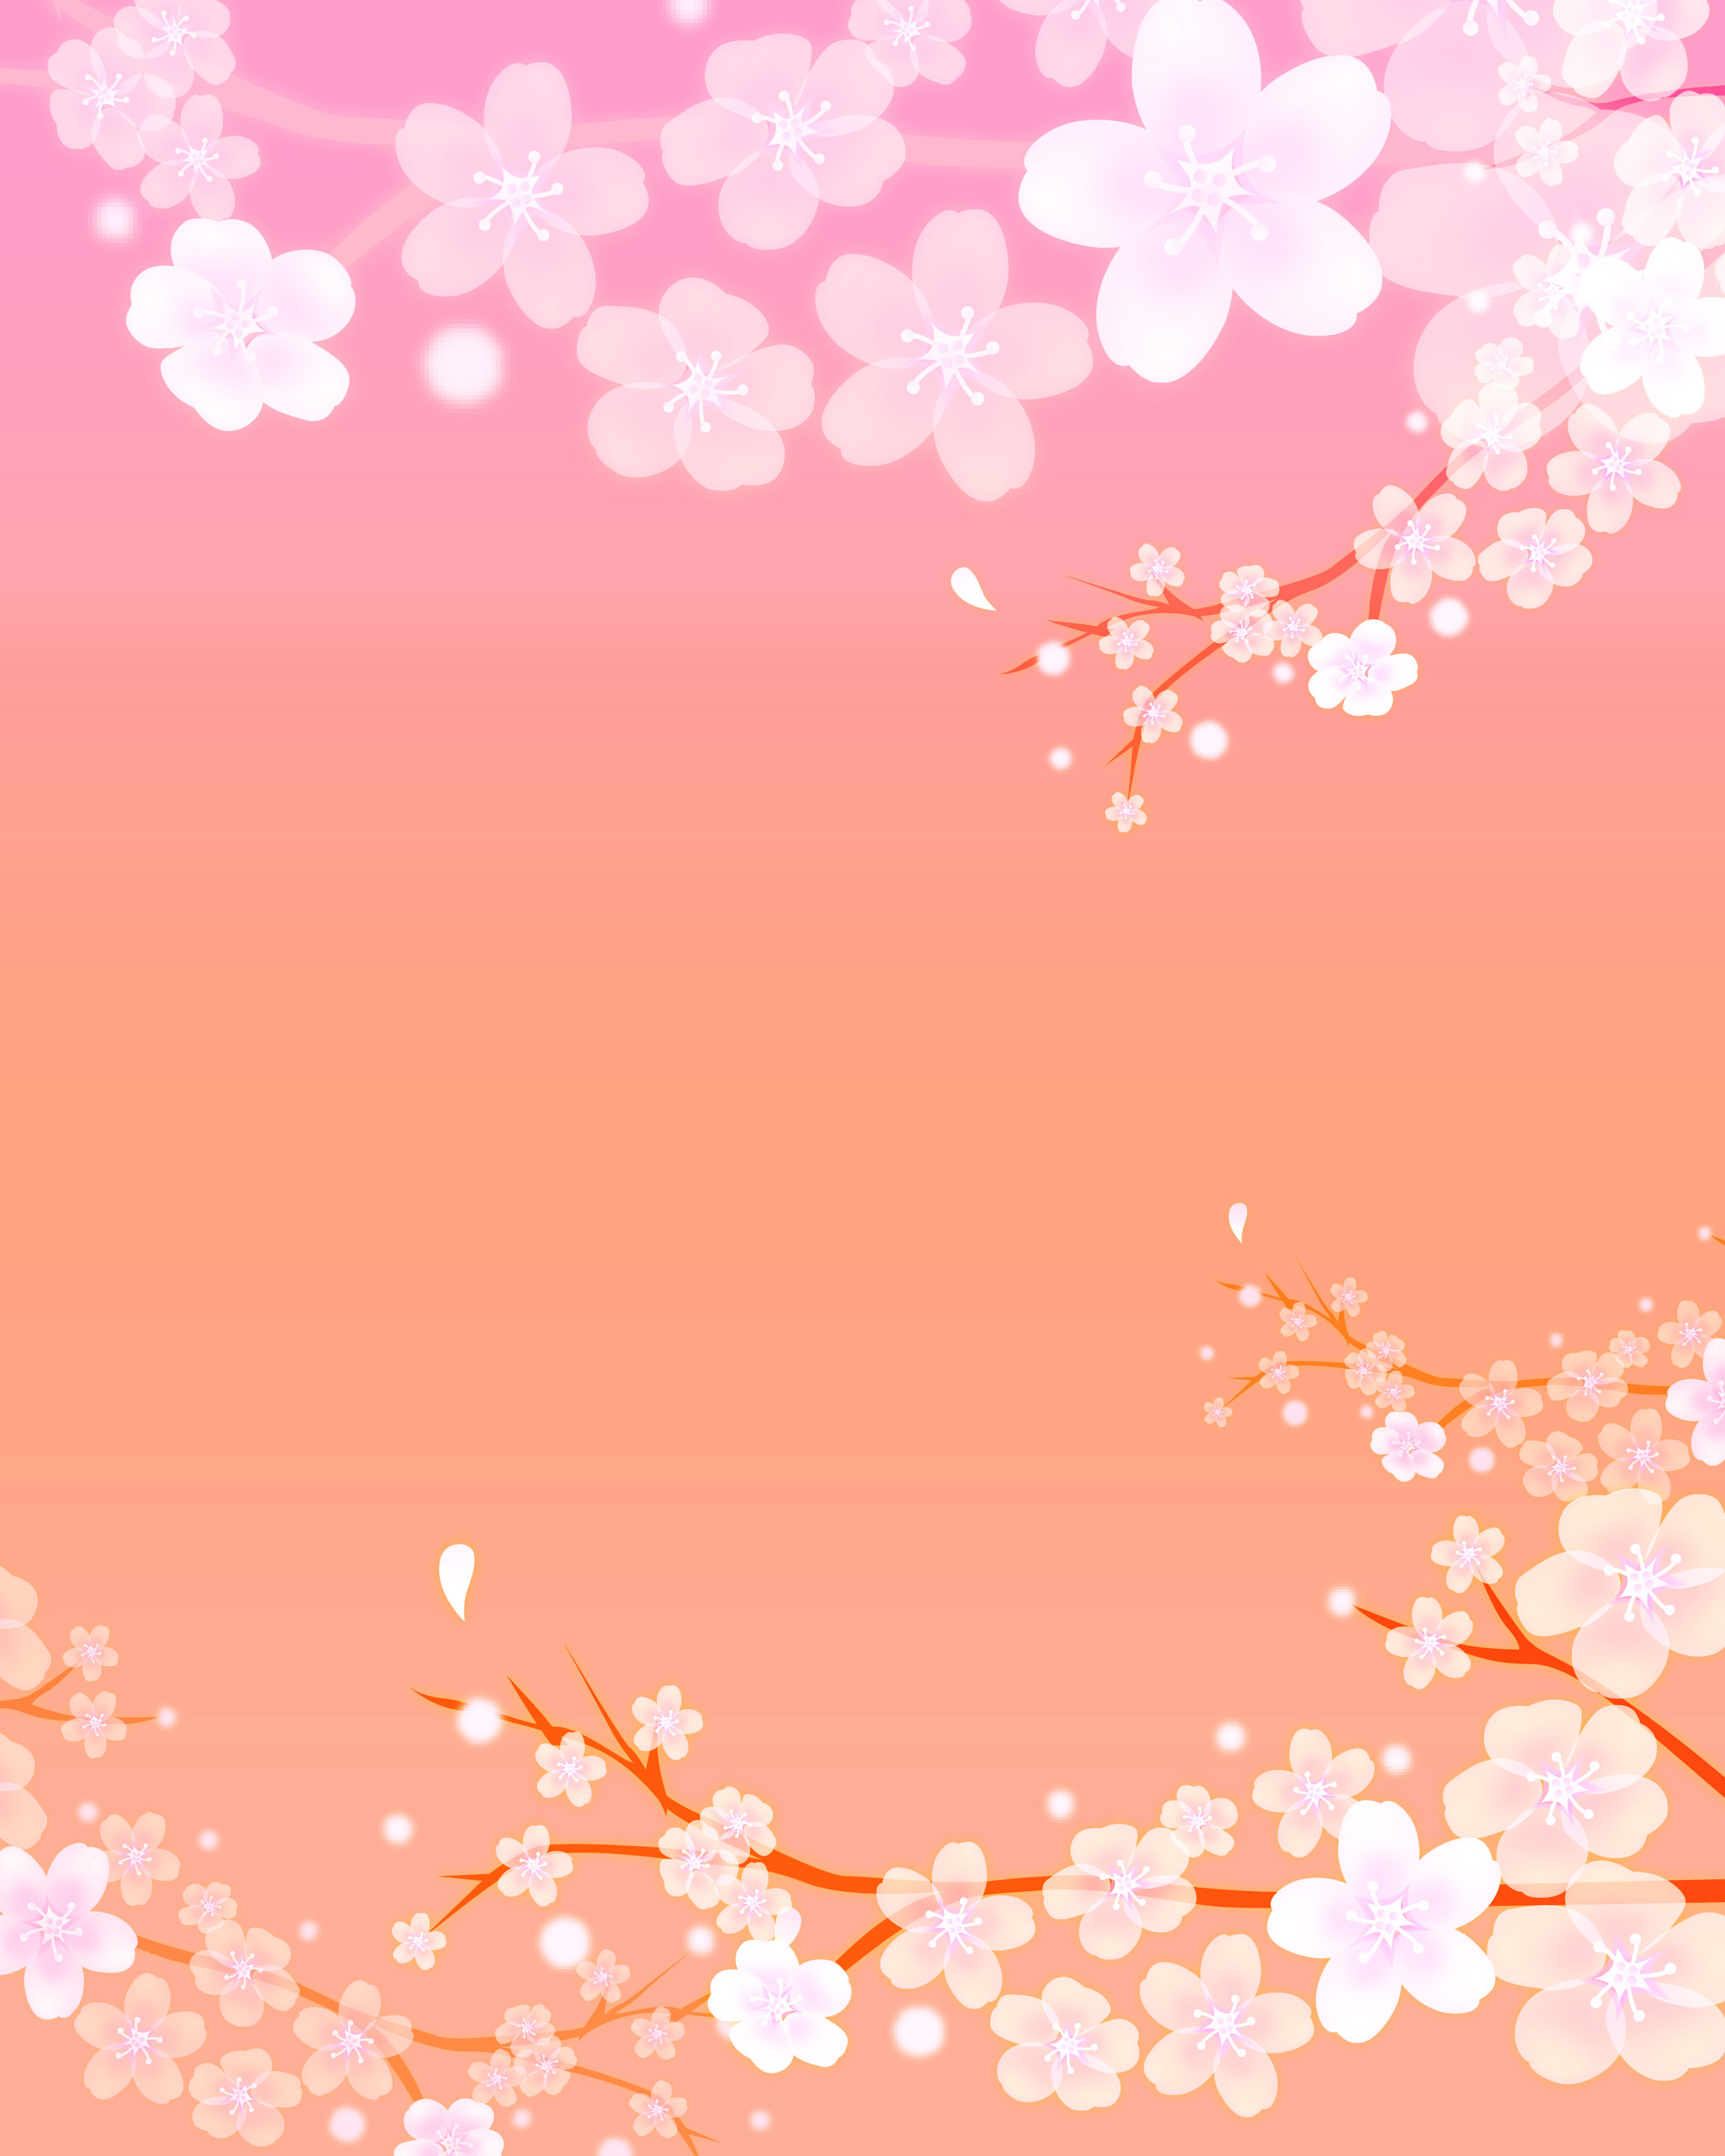 桜(さくら)の画像・イラスト・フリー素材/no.052『桜壁紙・ピンク・枝